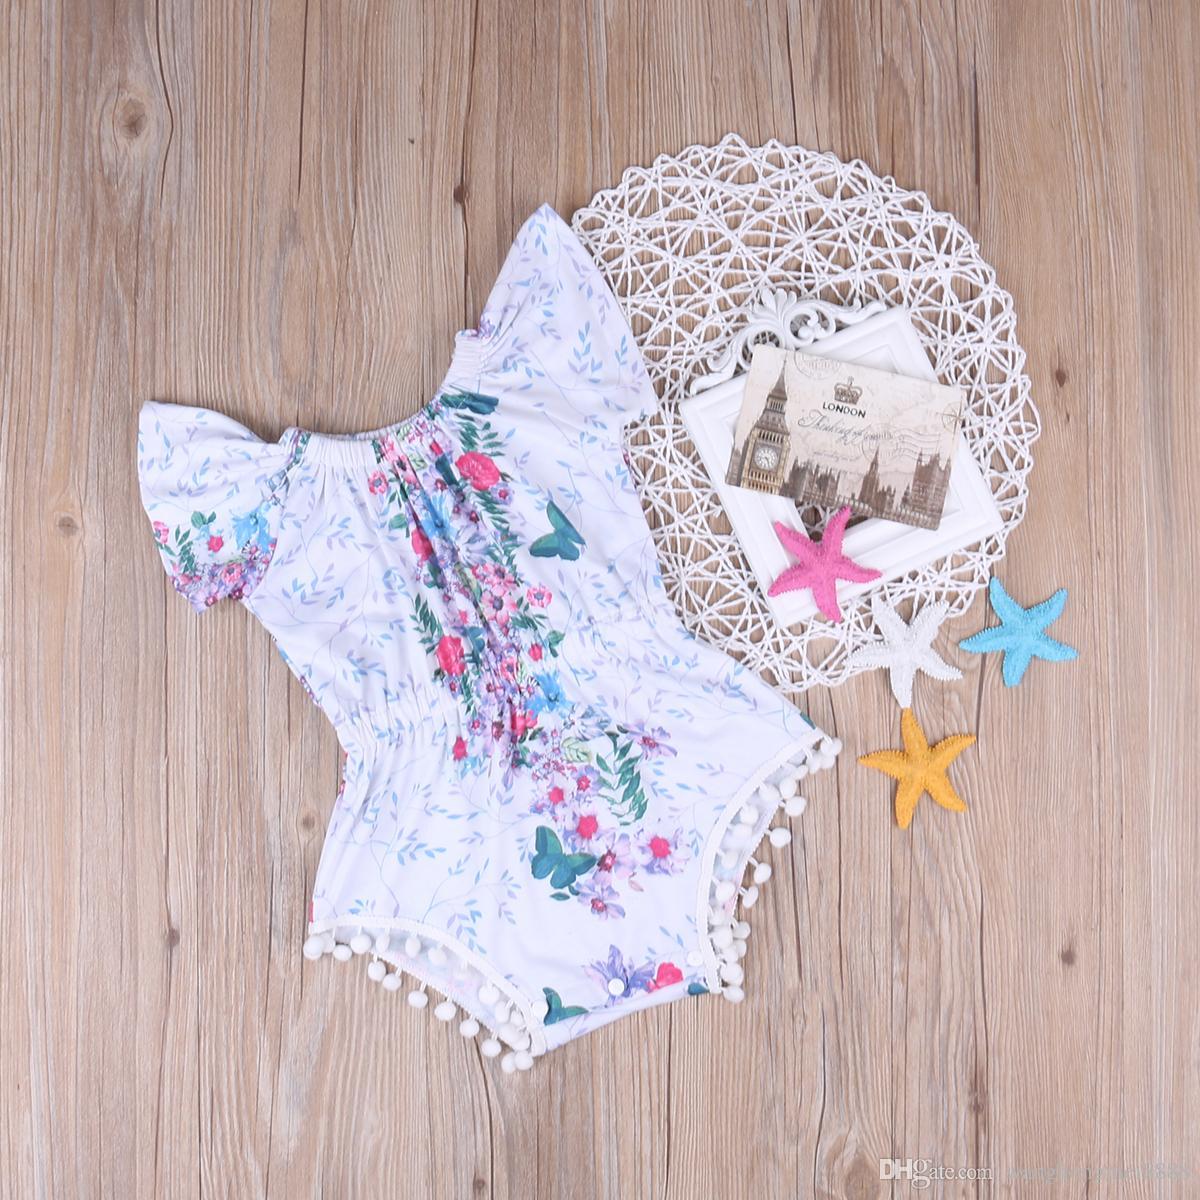 2019 Yenidoğan Erkek Bebek Kız Giyim Rahat Yaz Plaj Fashiom Püsküller Parlama Kollu Bodysuit Tulum Kıyafetler Sunsuit Tulum